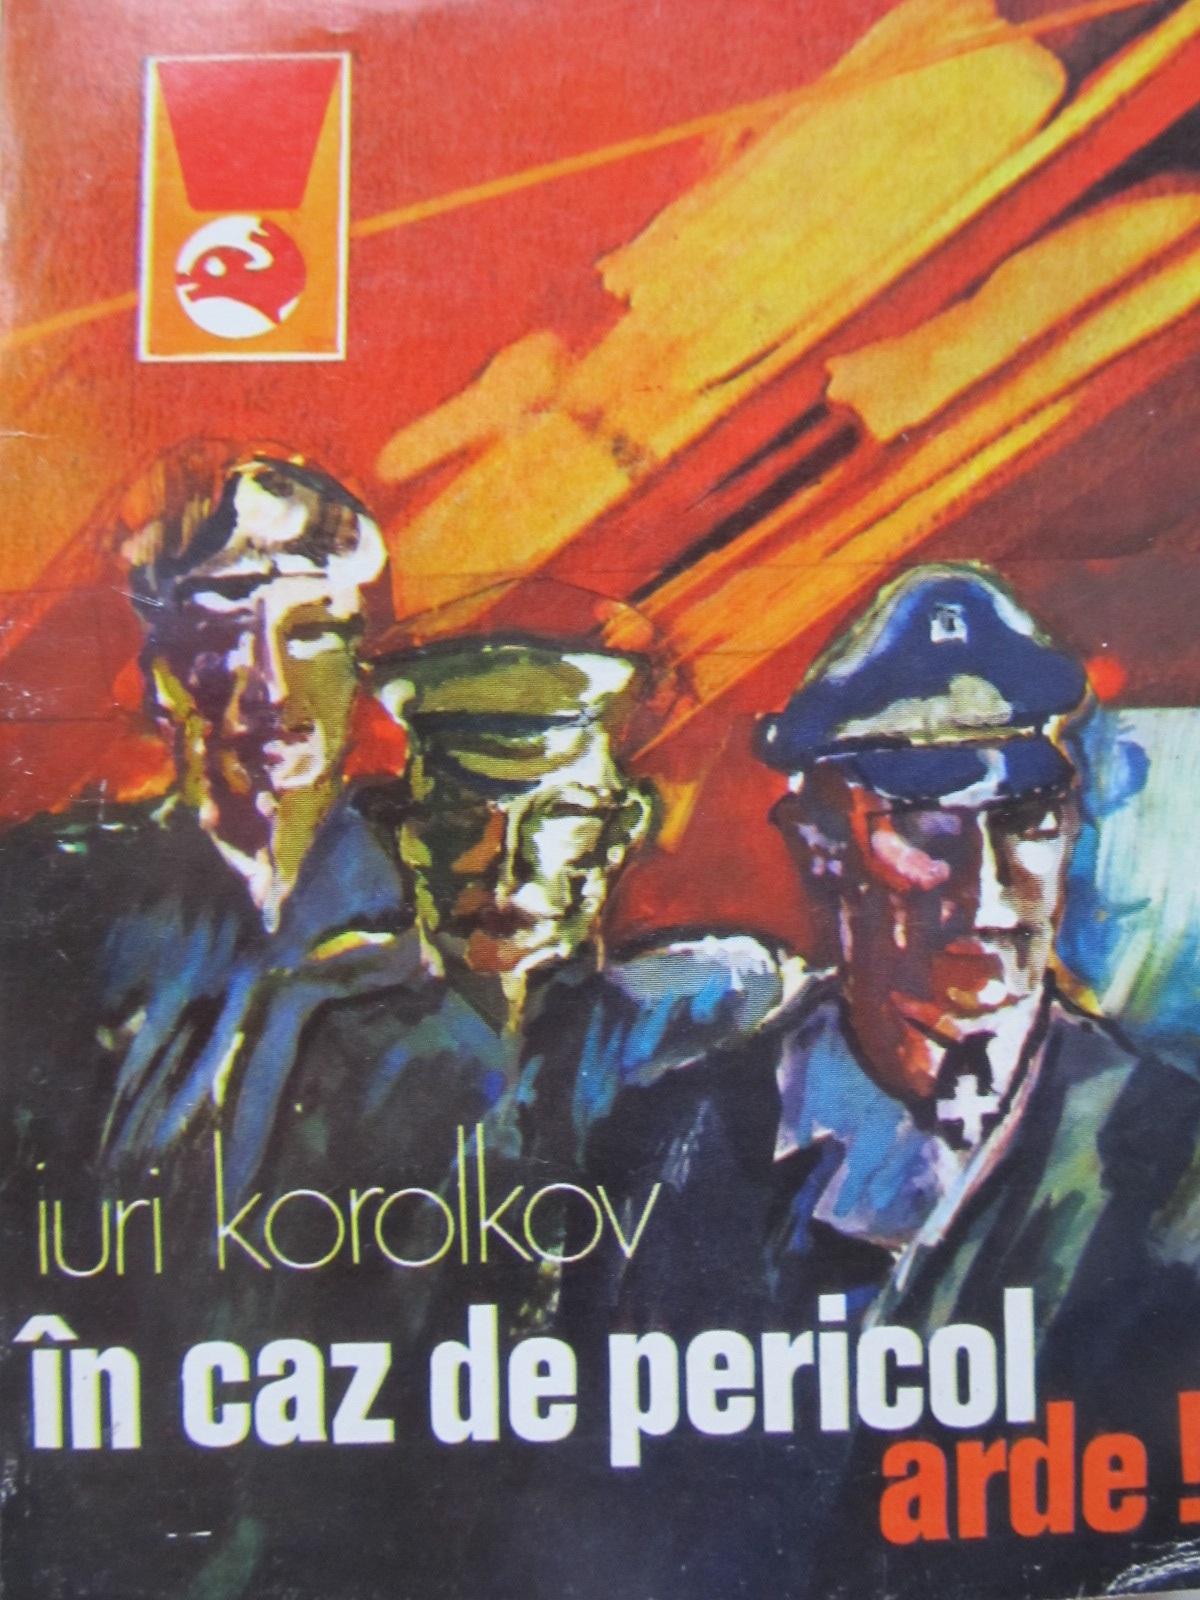 In caz de pericol arde - Iuri Korolkov | Detalii carte